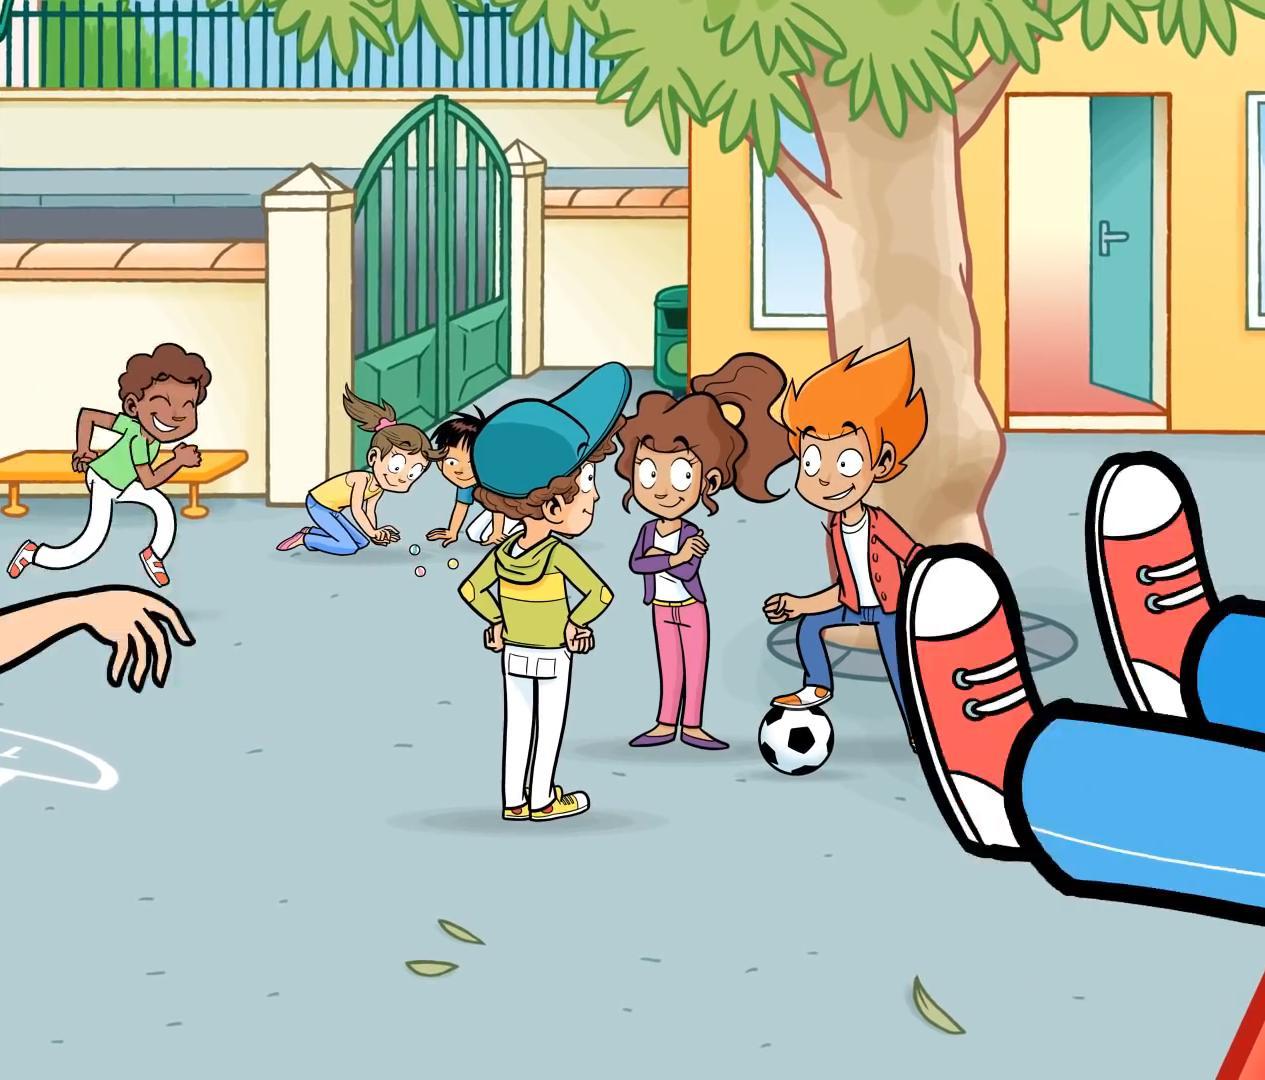 La salle de jeux : les dessins animés